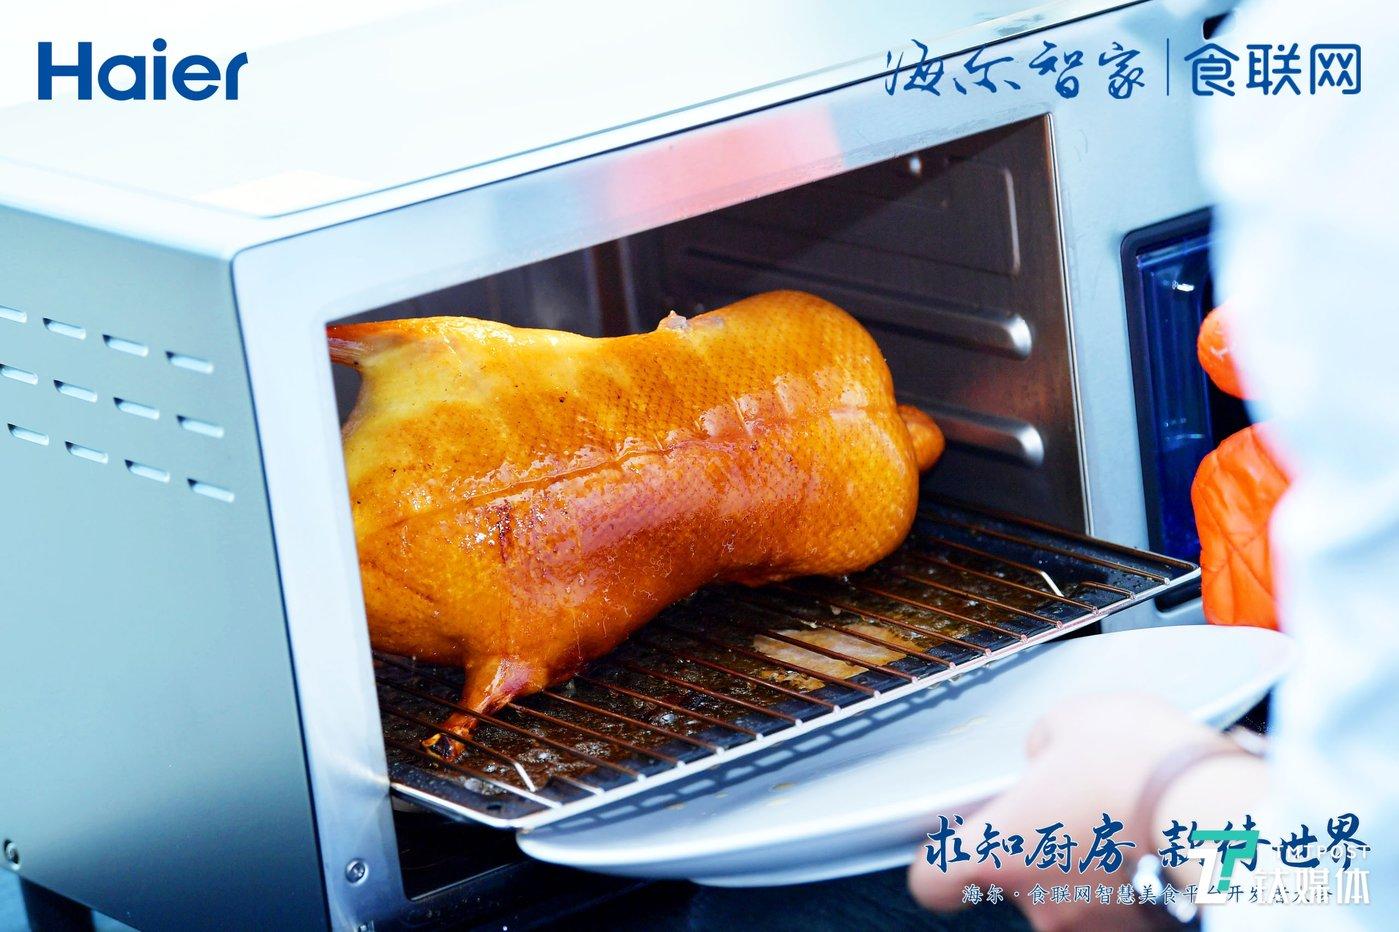 通过食联网生态一键制作的烤鸭